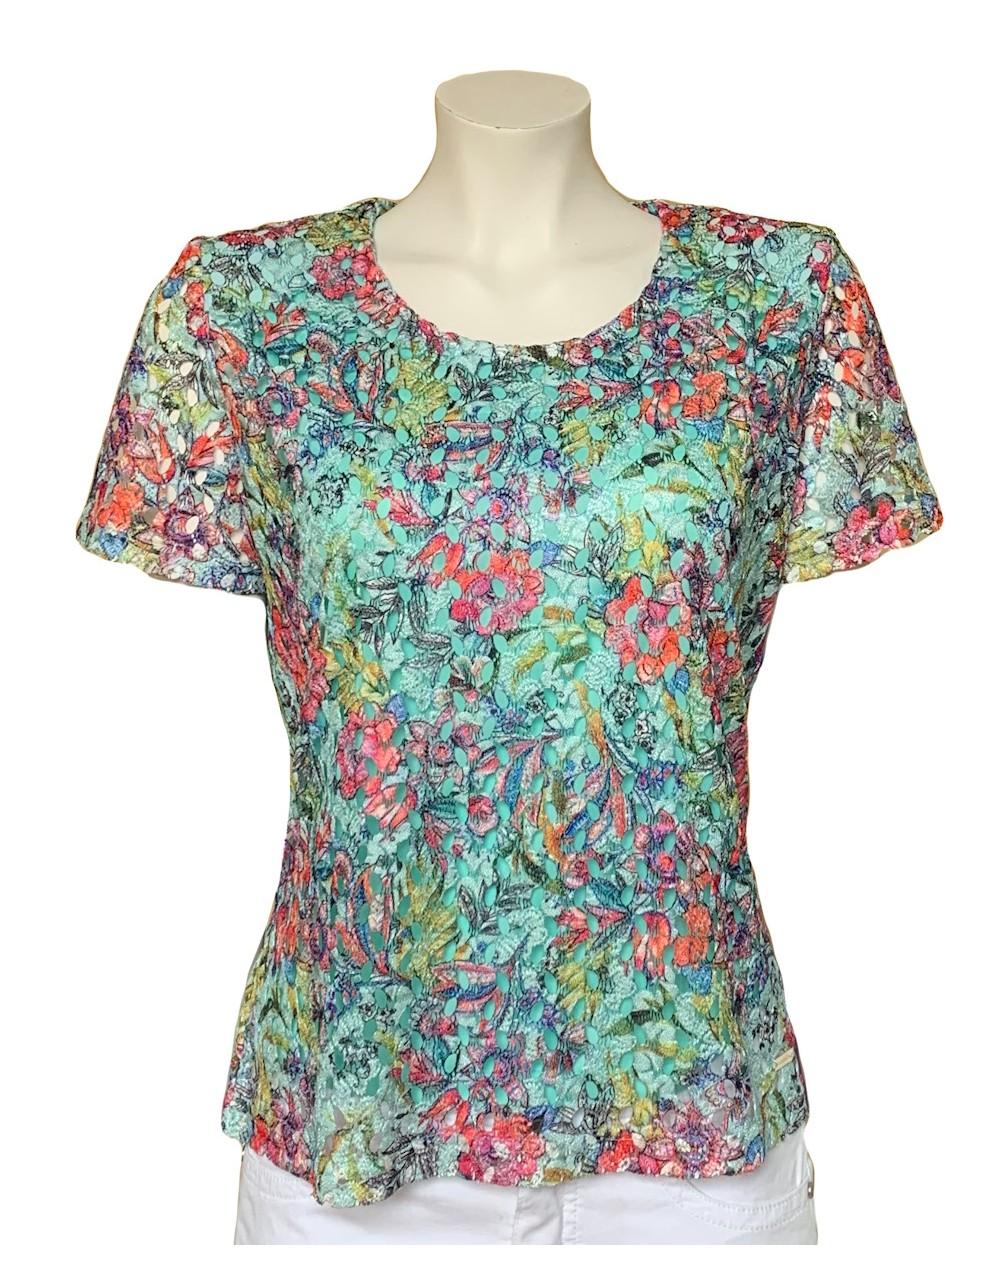 Olga Santoni Lace Summer Top  Olga Santoni Clothing Irish Handcrafts 1